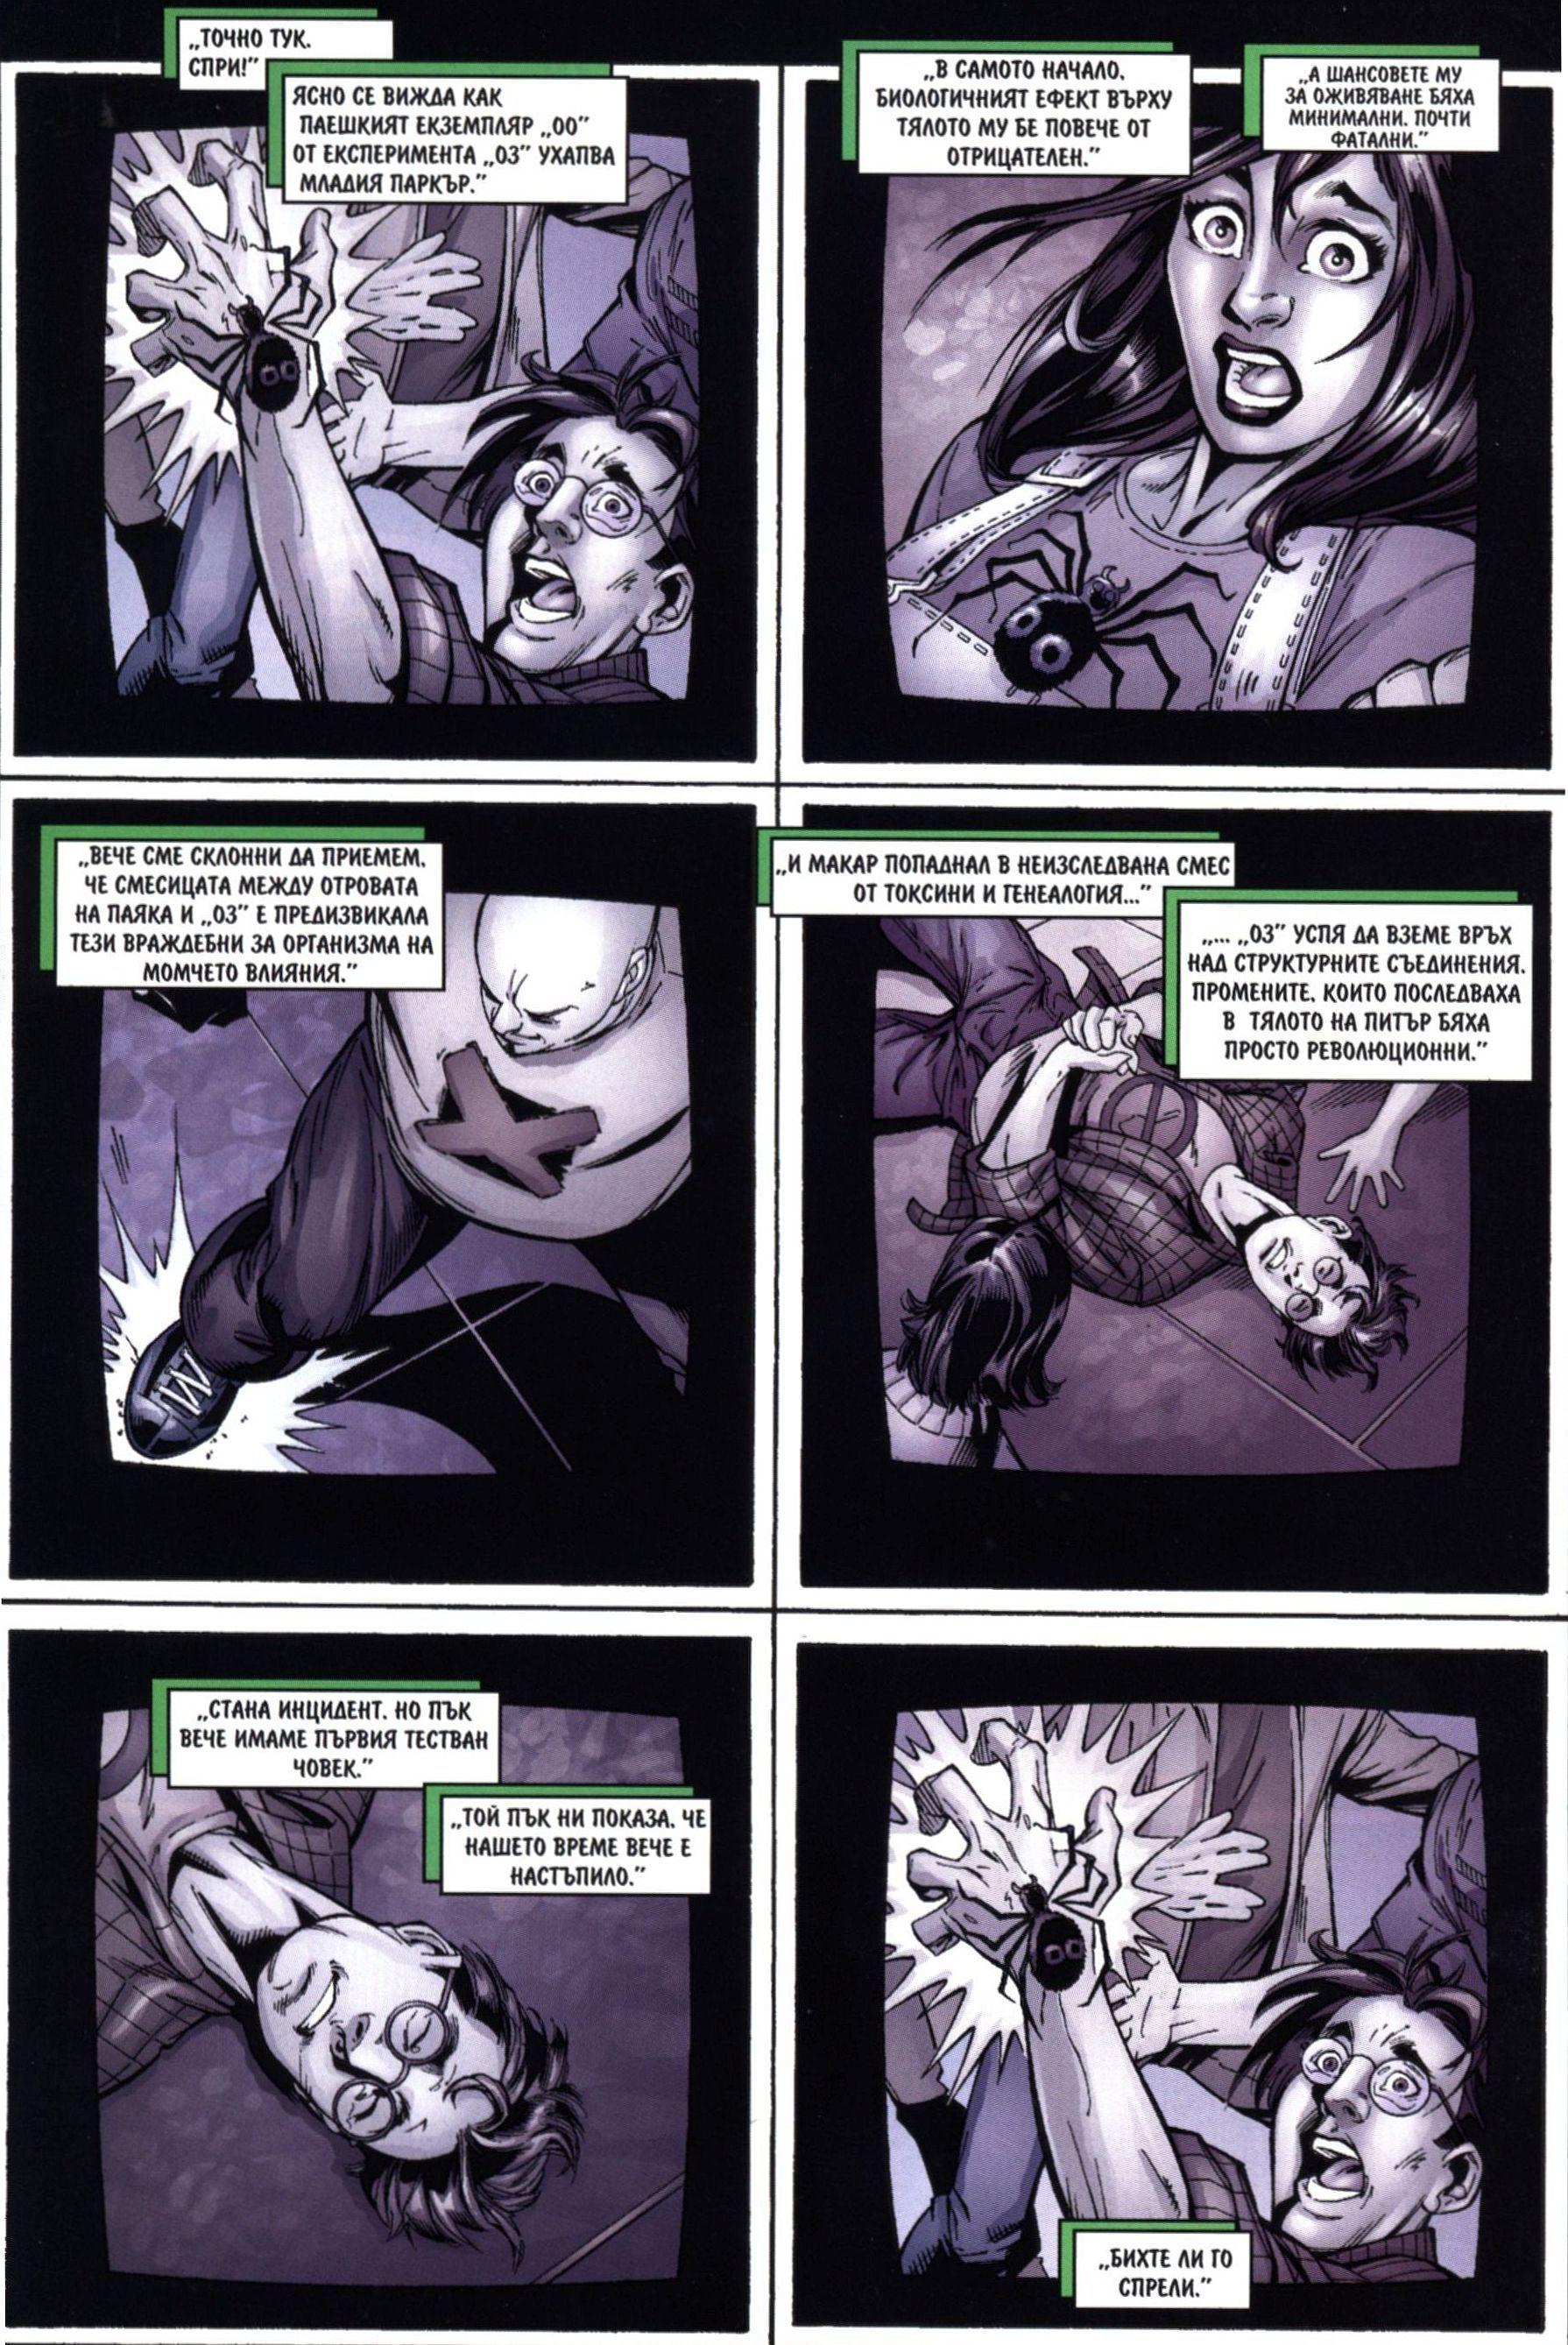 Най-новото от Спайдърмен (Брой 4 / Септември 2006):  Превъплъщения - 2